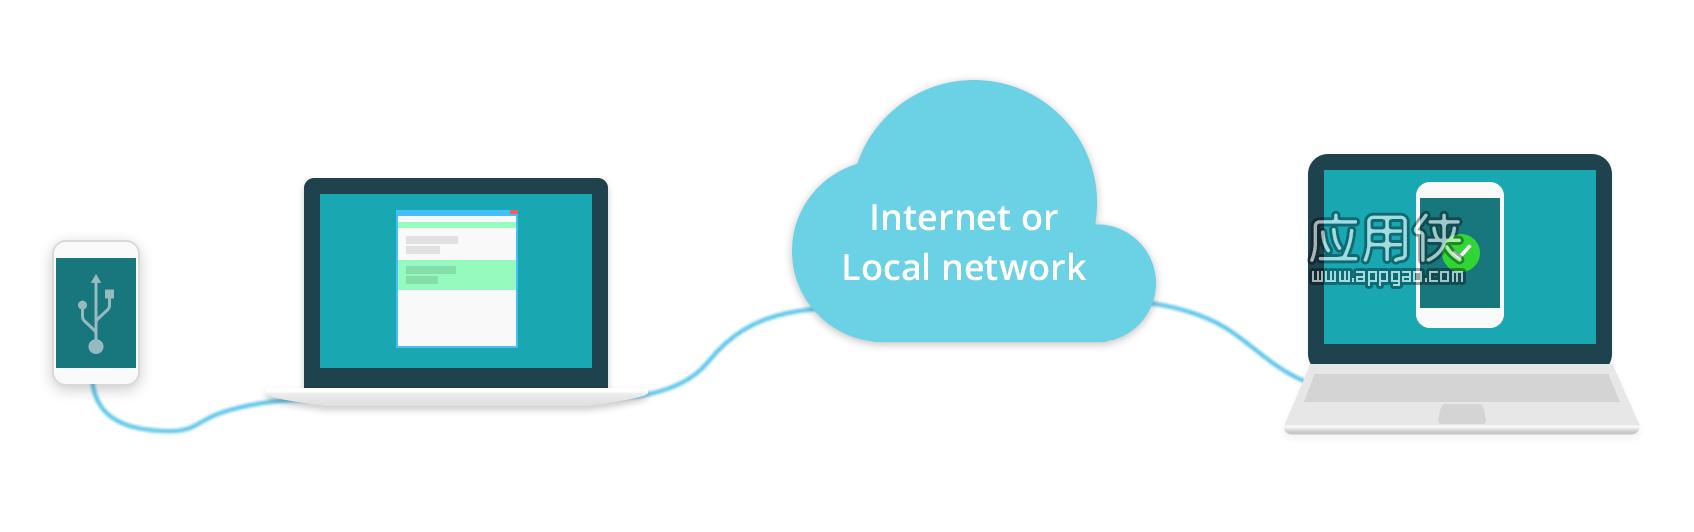 USB over Ethernet - 通过网络共享 USB 设备